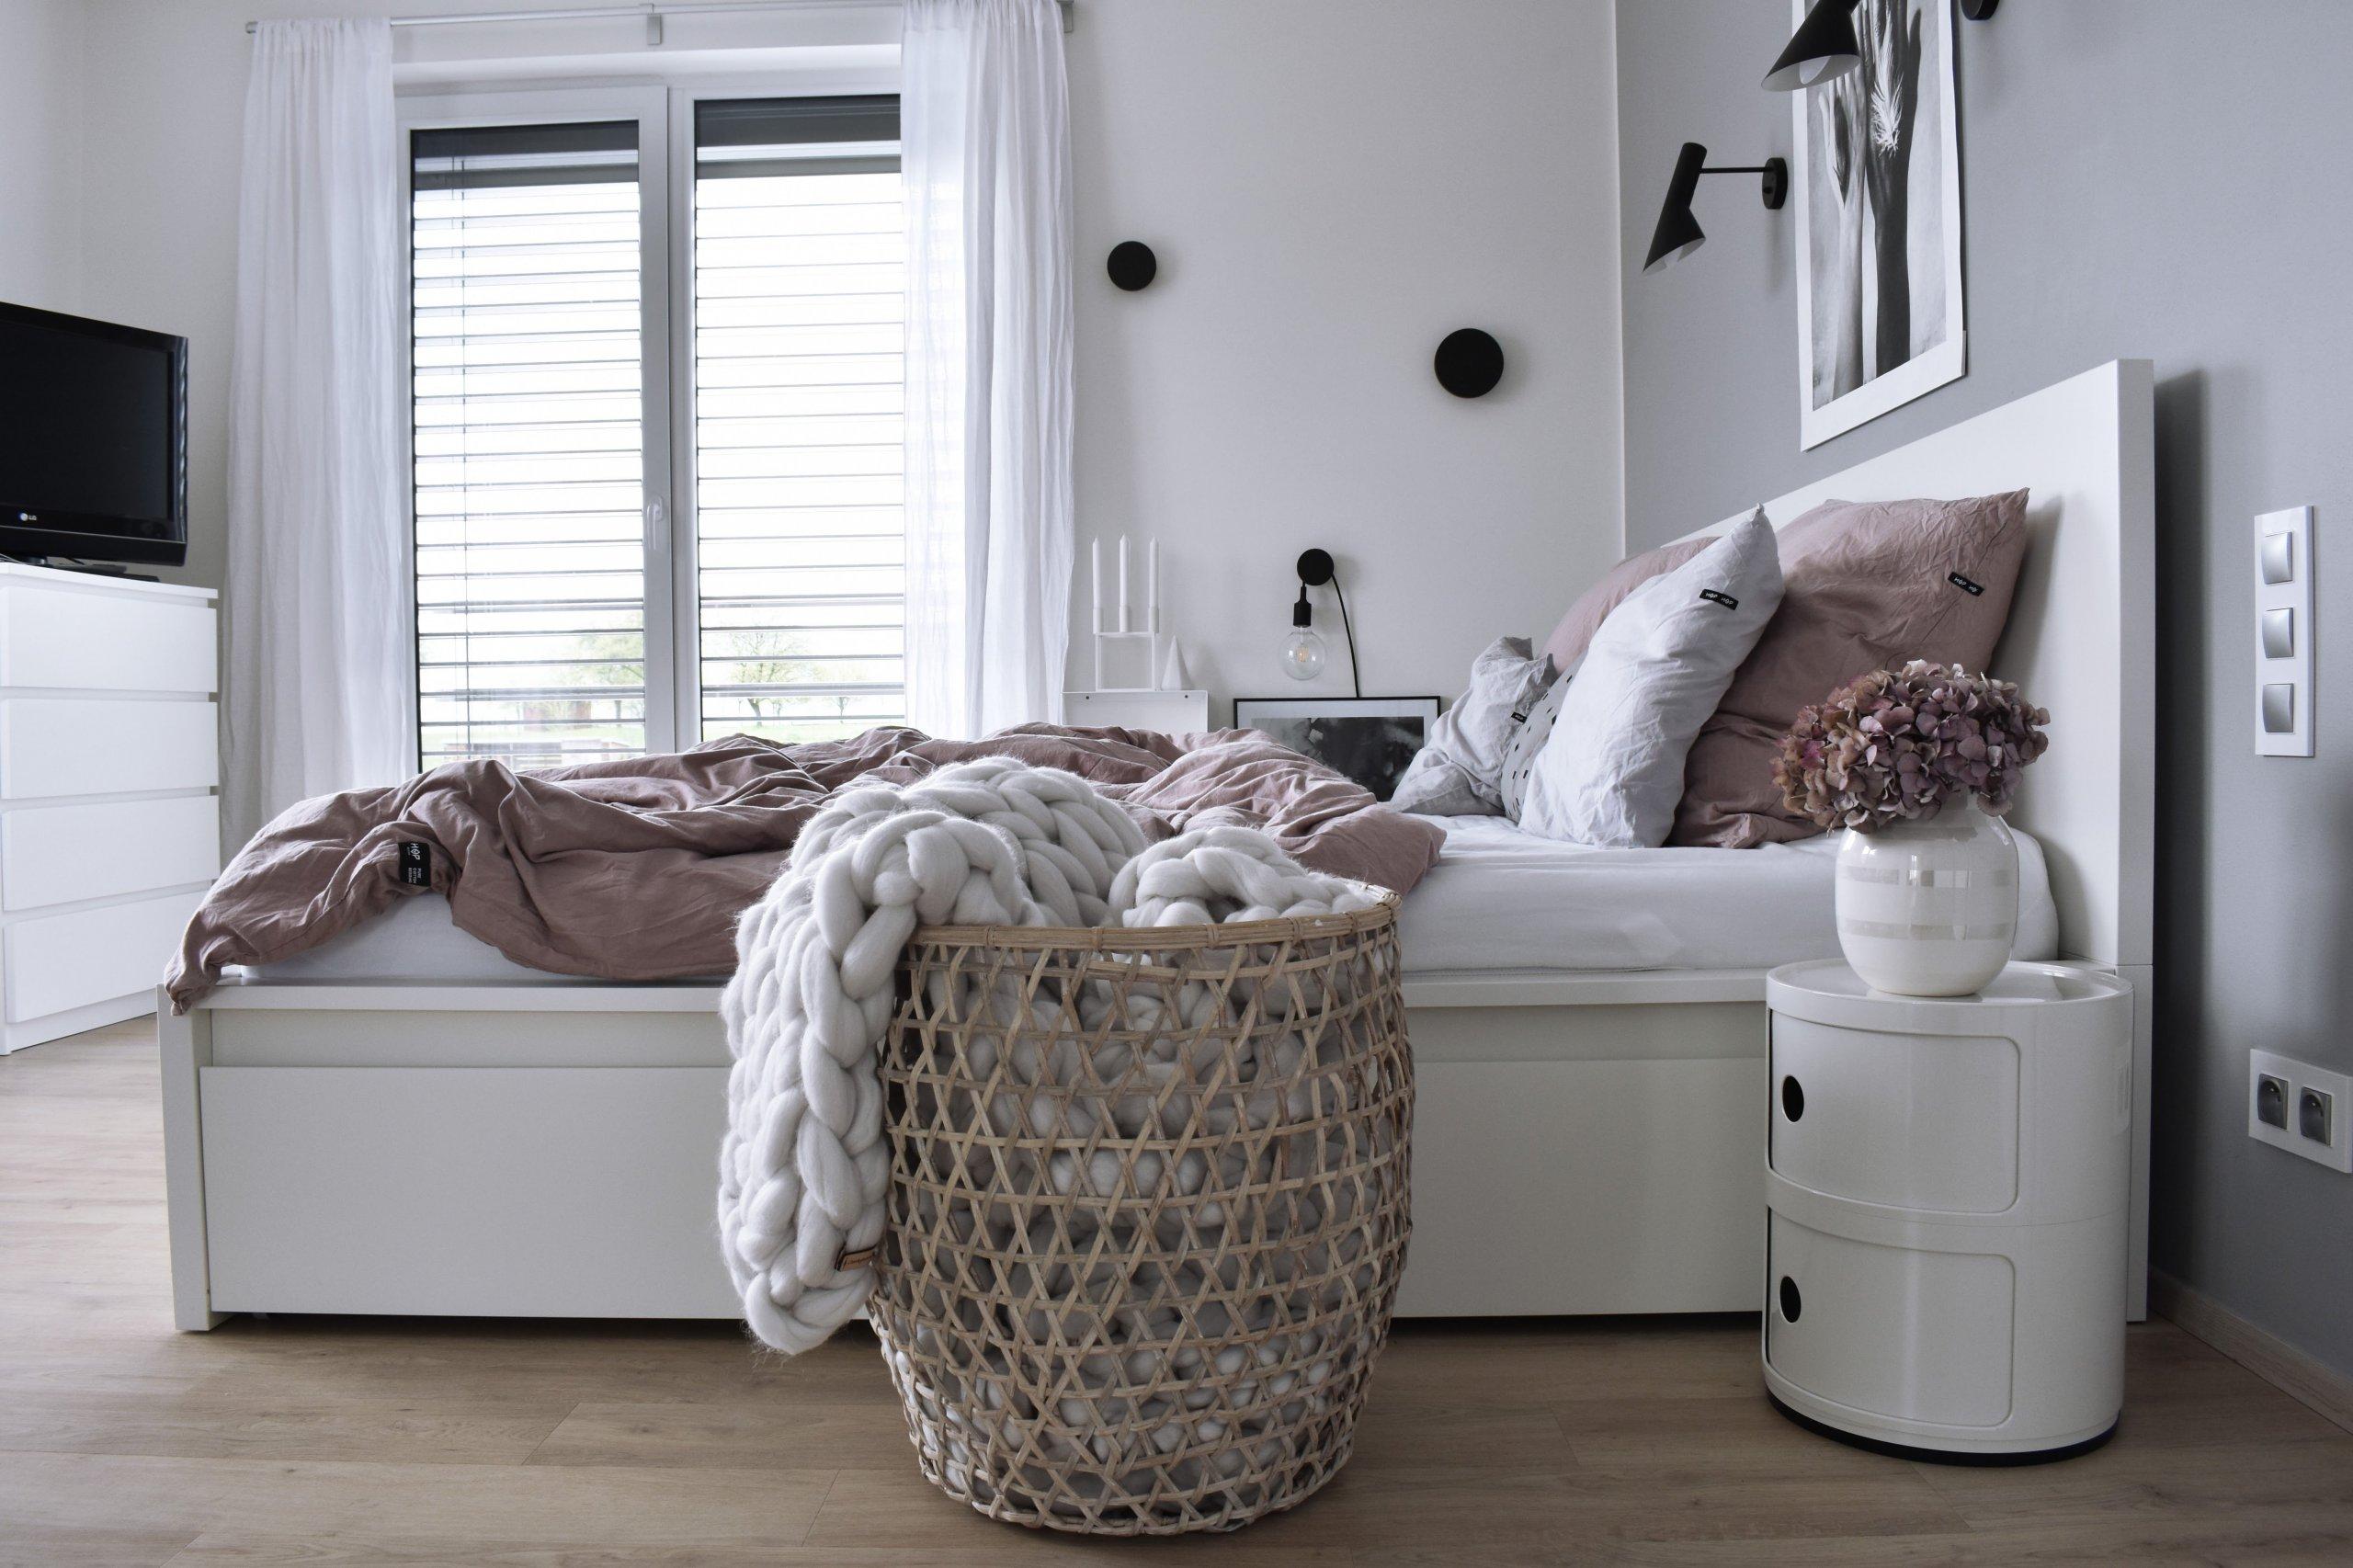 Skandinávský styl bydlení si vposlední době získává stále více příznivců ivnašich zeměpisných šířkách. Světlý avzdušný styl učaroval i…